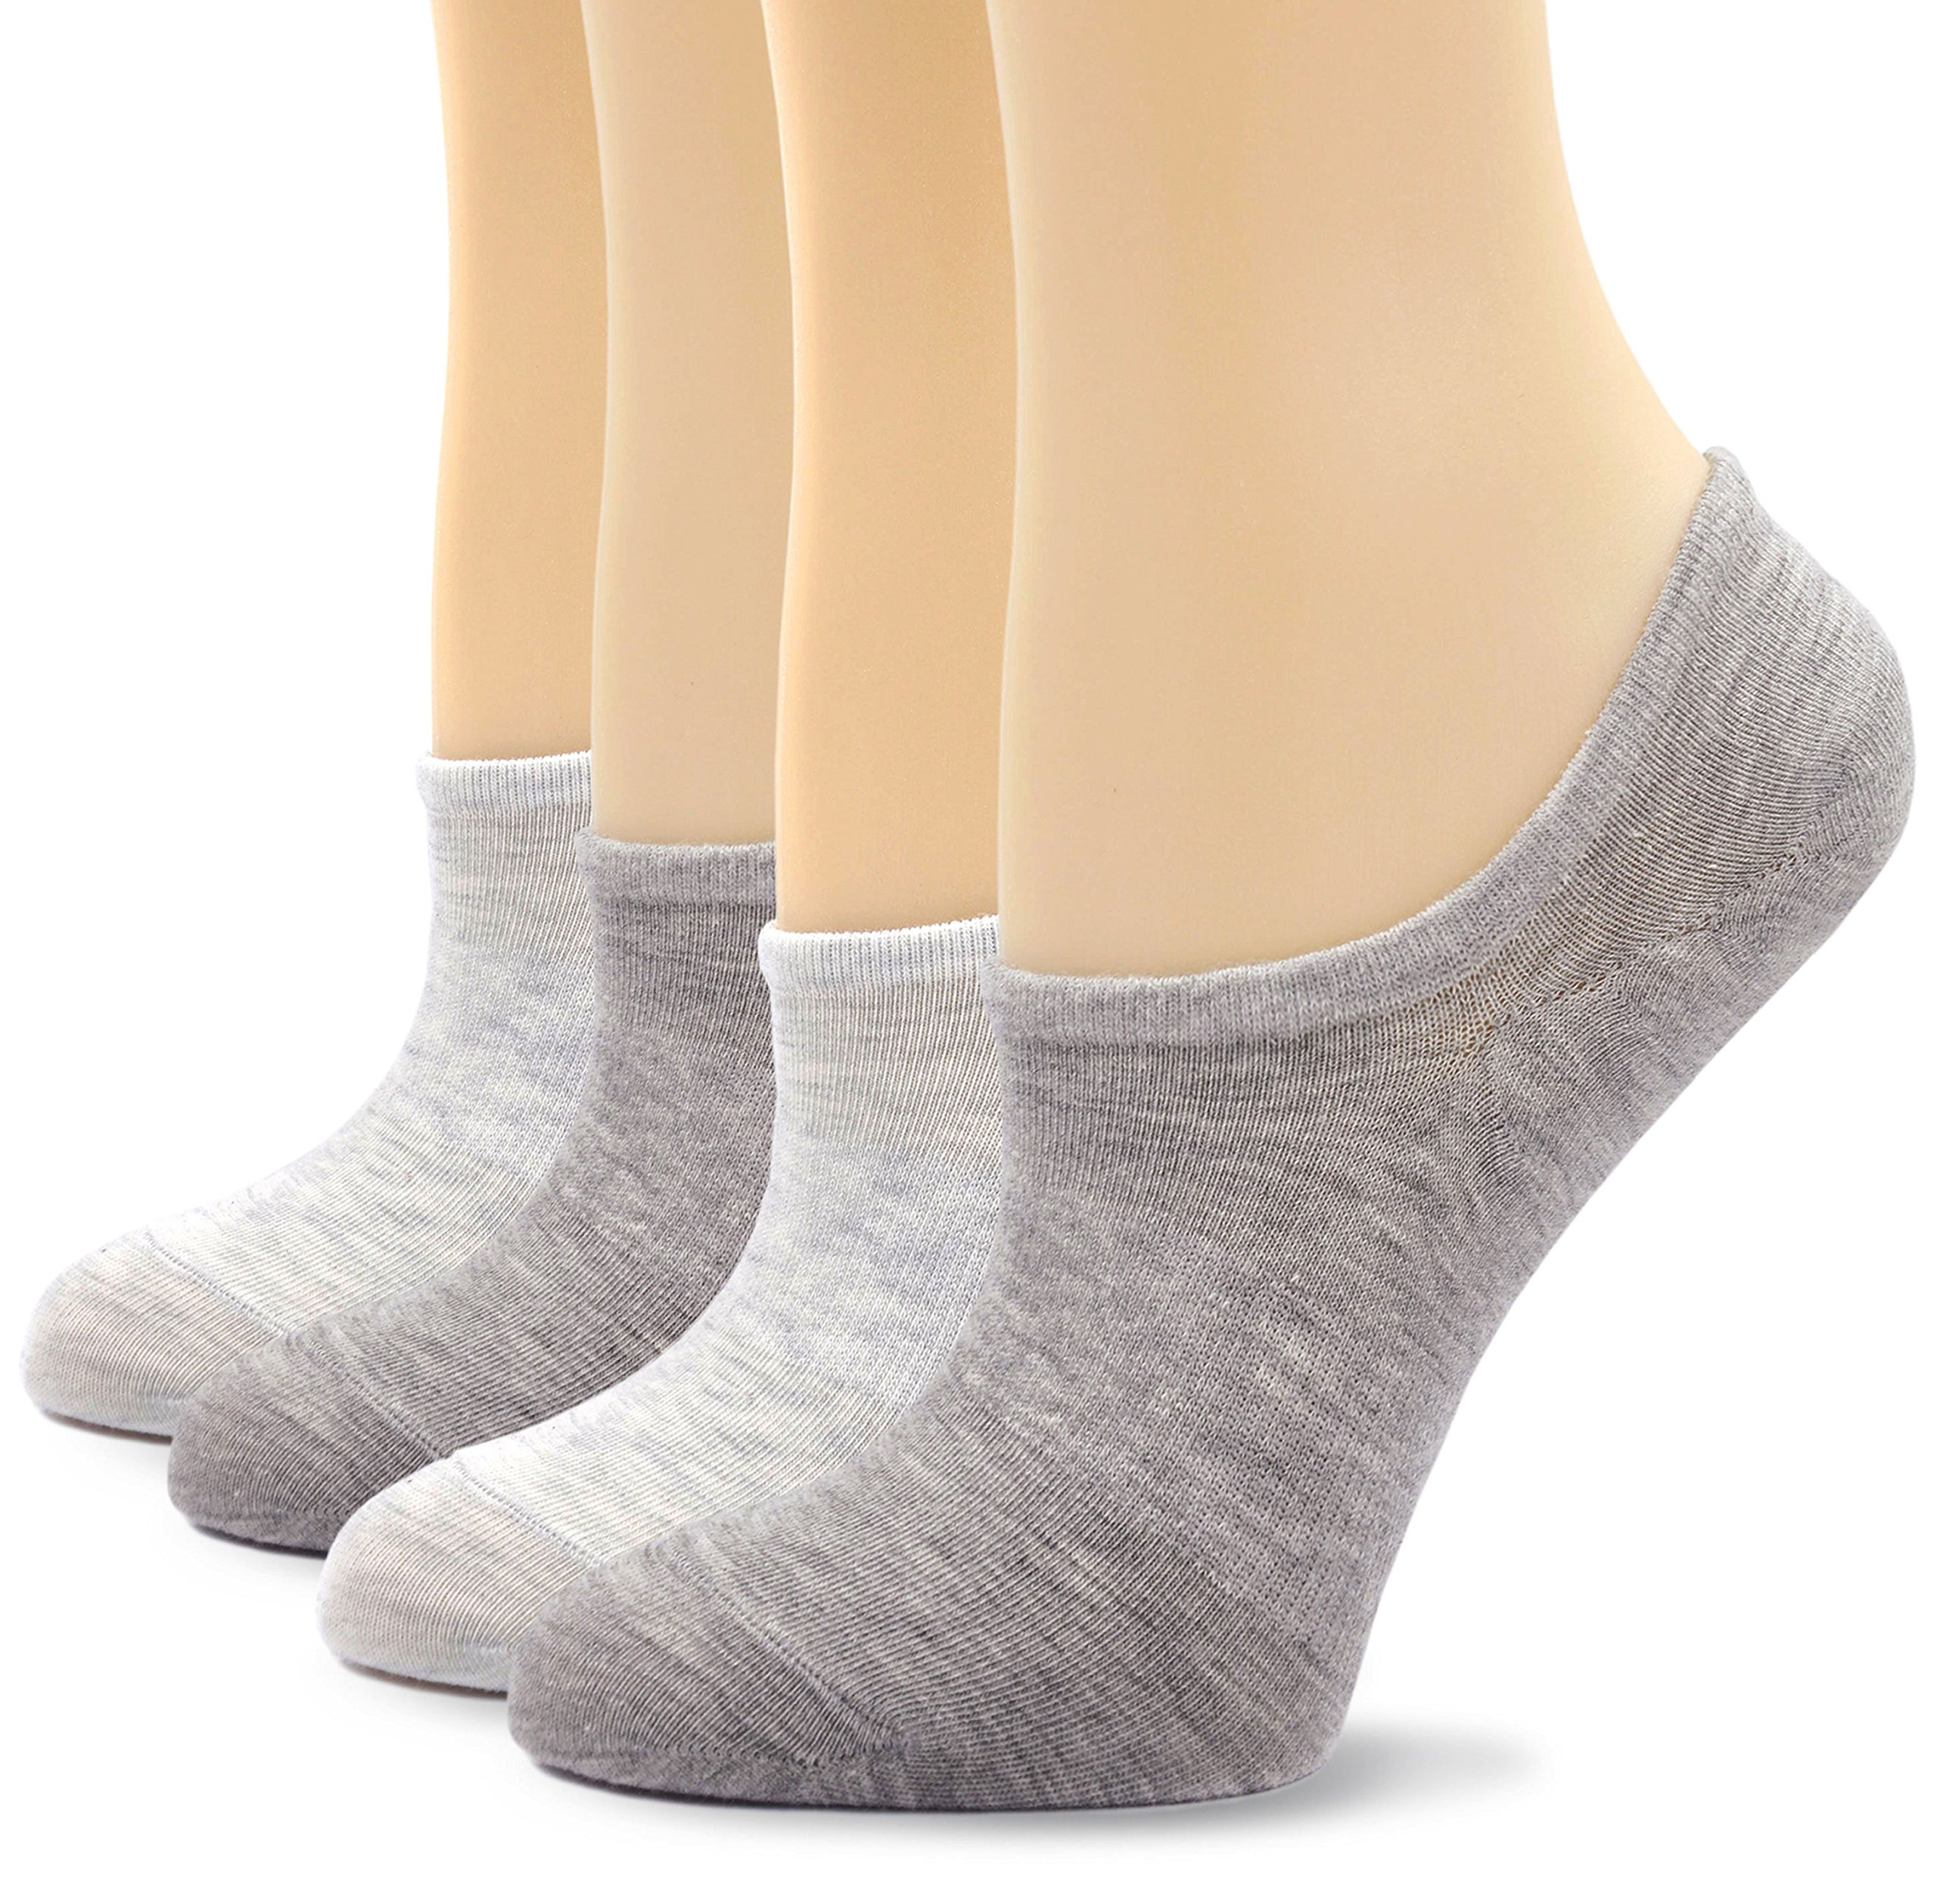 45653e9ba7d Top Protège-pieds et socquettes femme selon les notes Amazon.fr